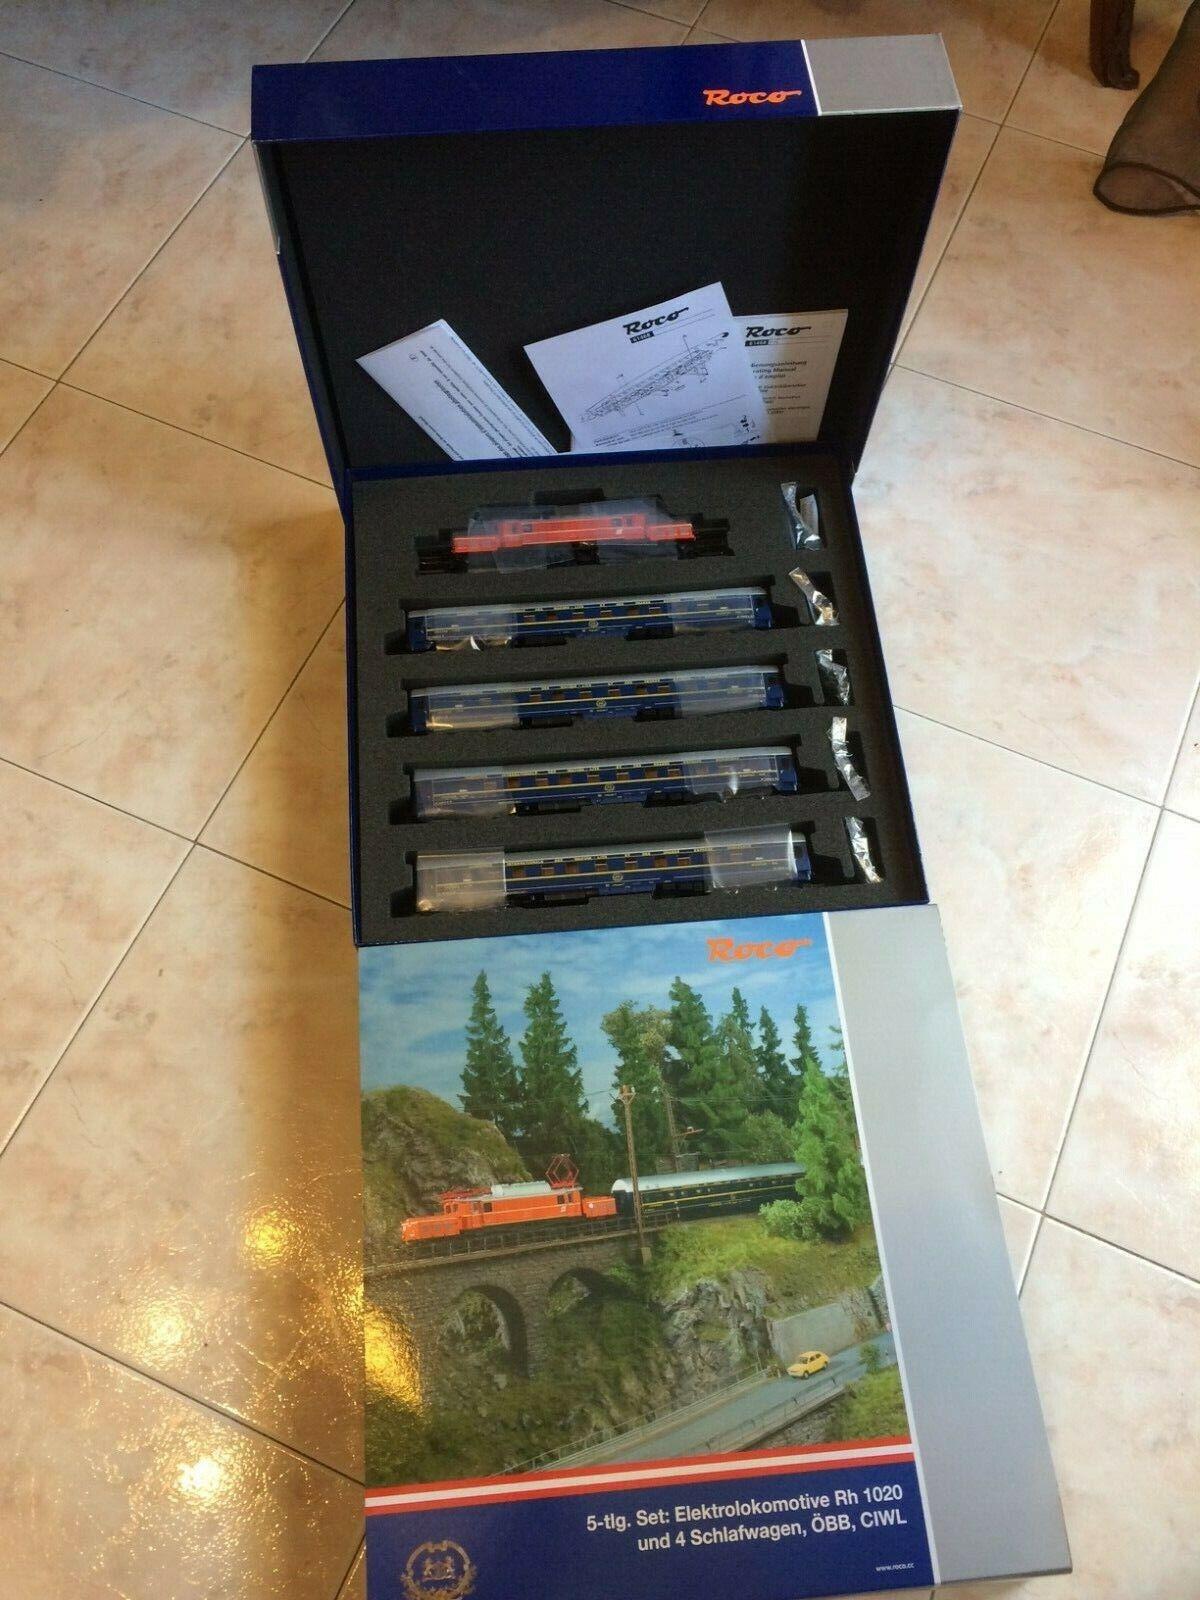 Entrega directa y rápida de fábrica Roco  61468 - Set con E-Lok OBB  Gruppo Gruppo Gruppo Rh 1020 con 4 Cocherozze Digital    más orden